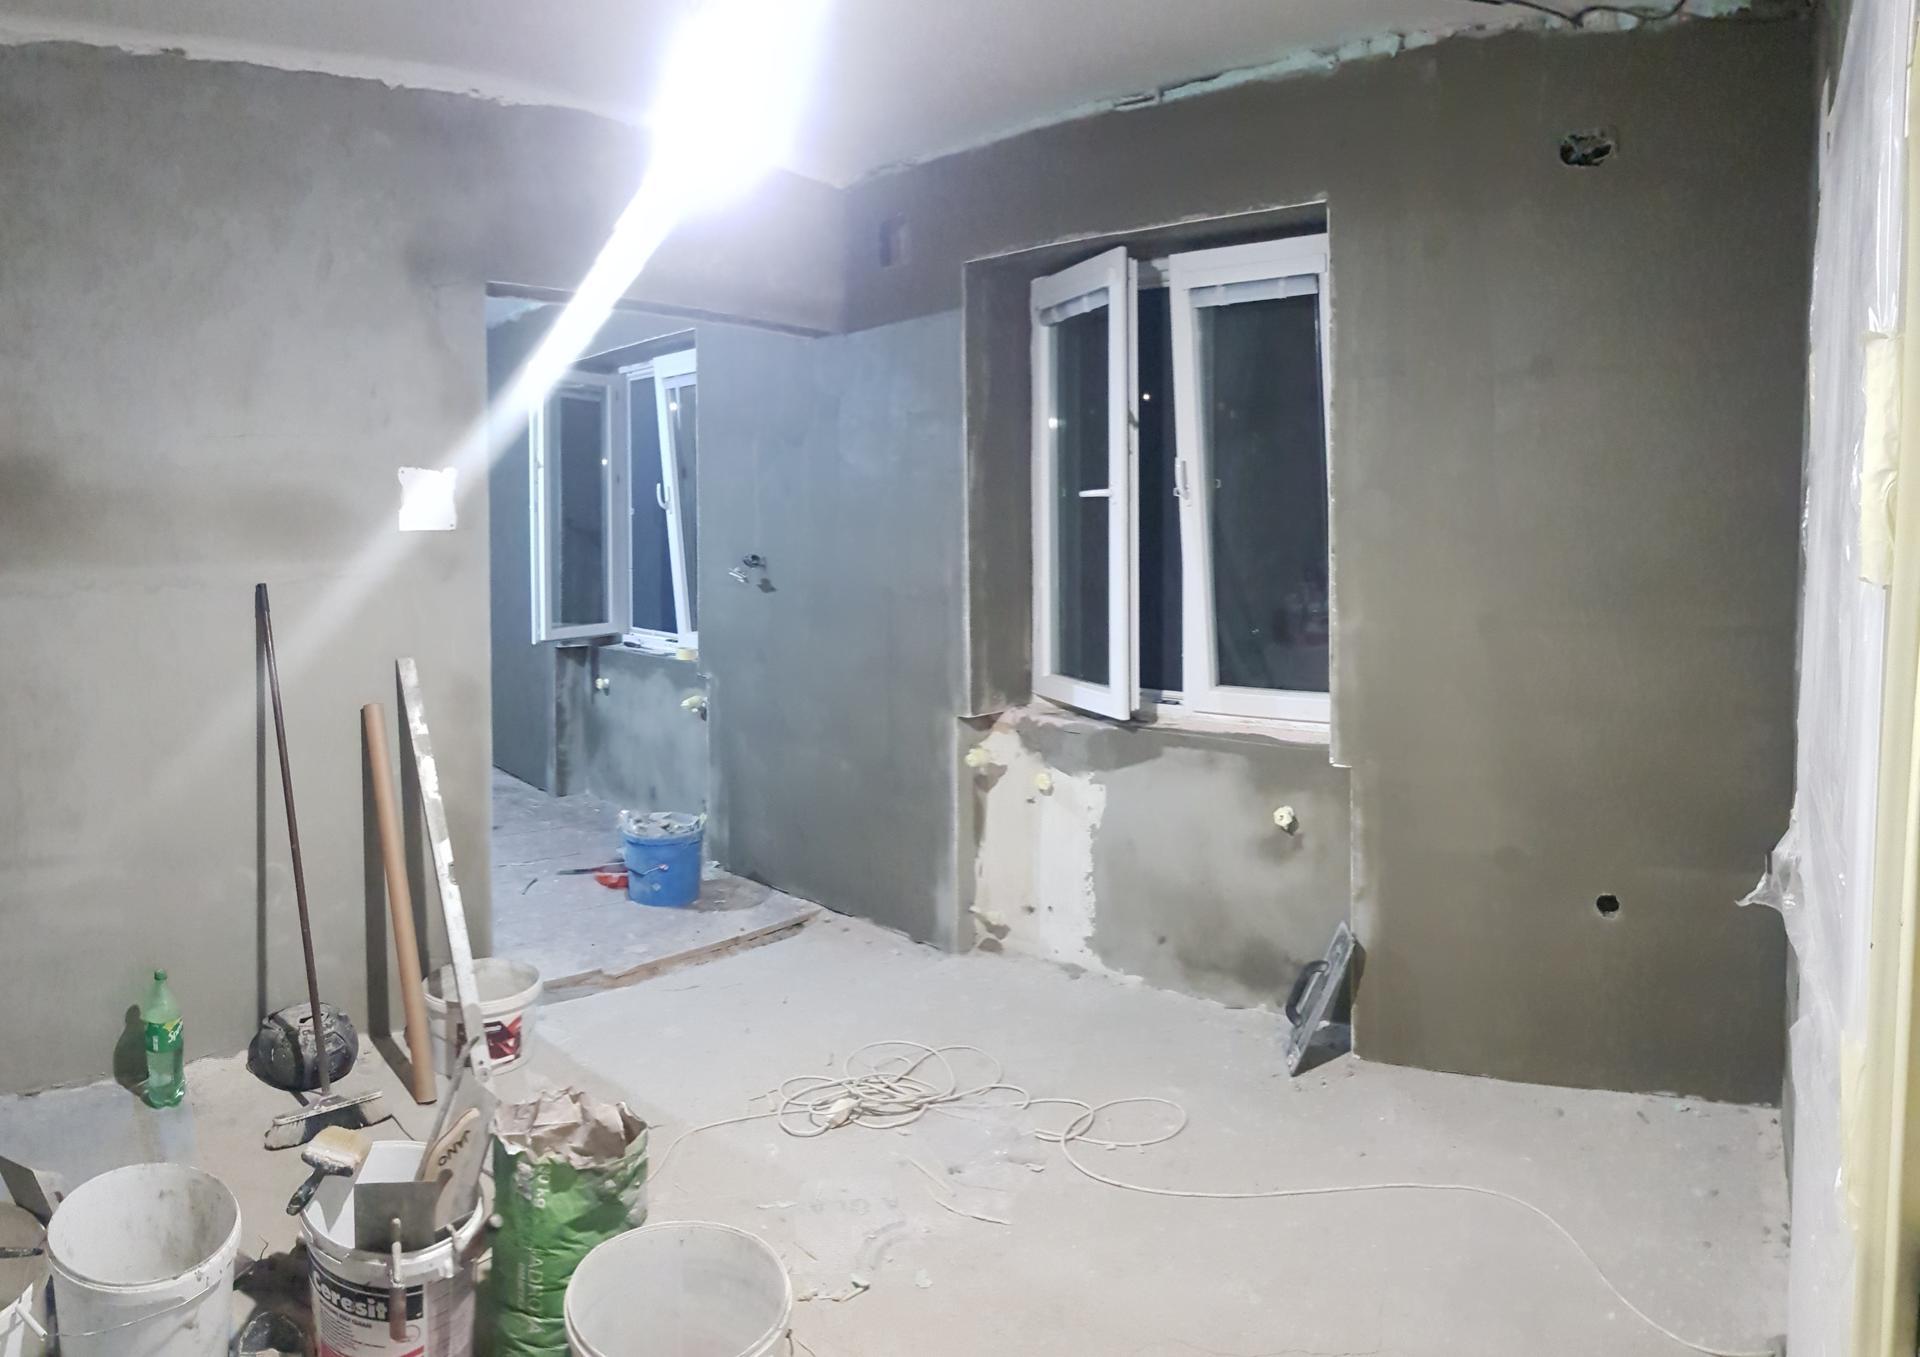 Naša rekonštrukcia - ... natiahnuté lepidlo aj okolo okien